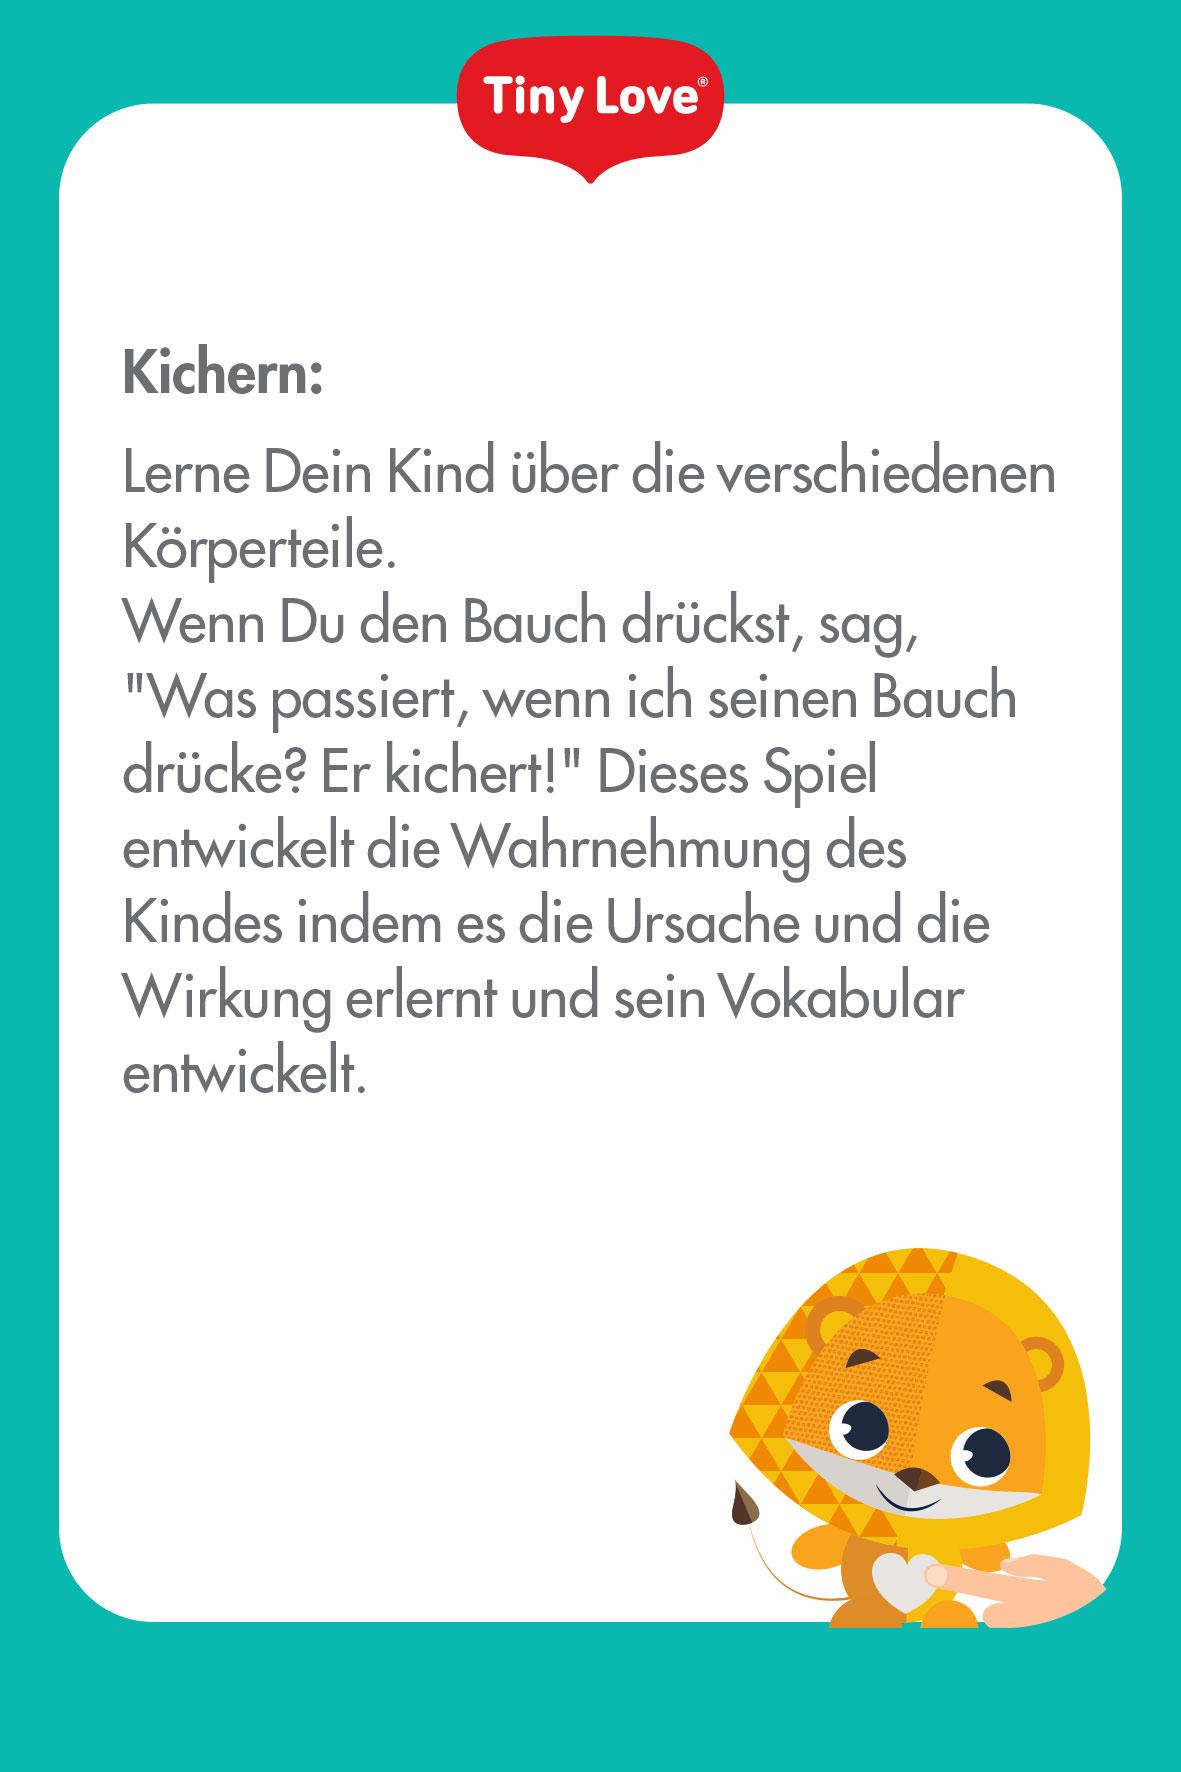 Kichern